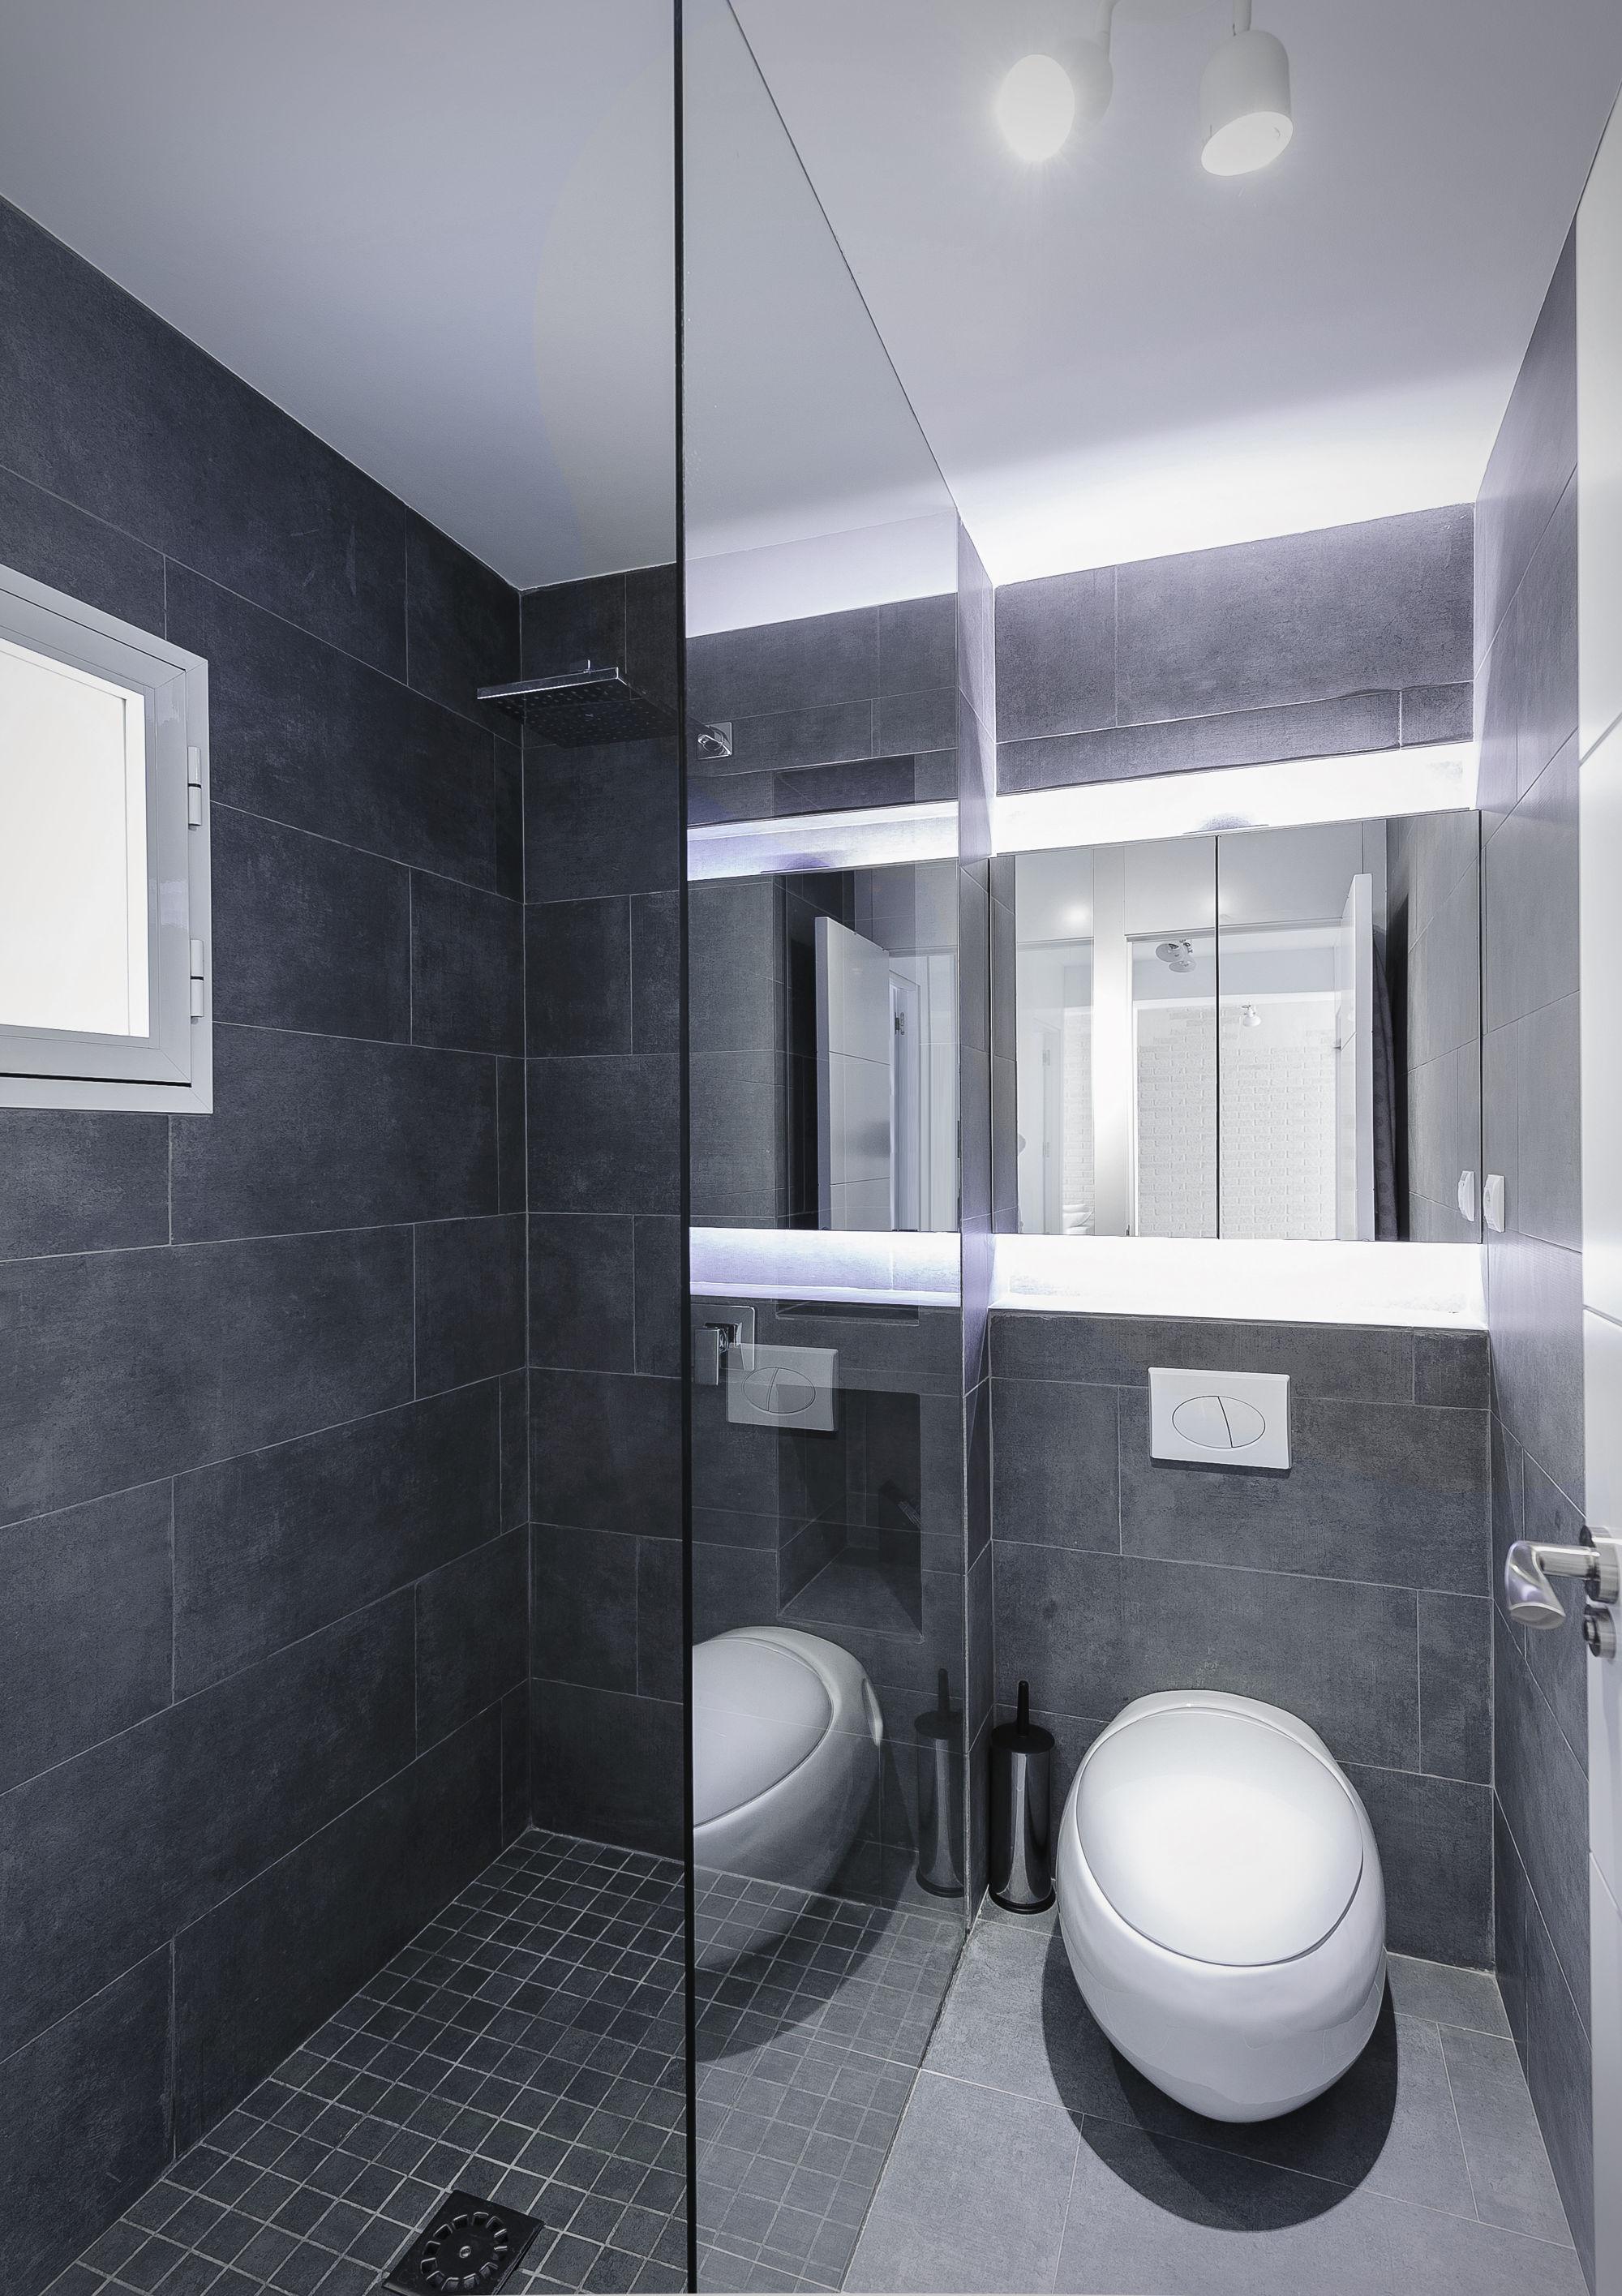 pt apt renovation lotoarchilab. Black Bedroom Furniture Sets. Home Design Ideas